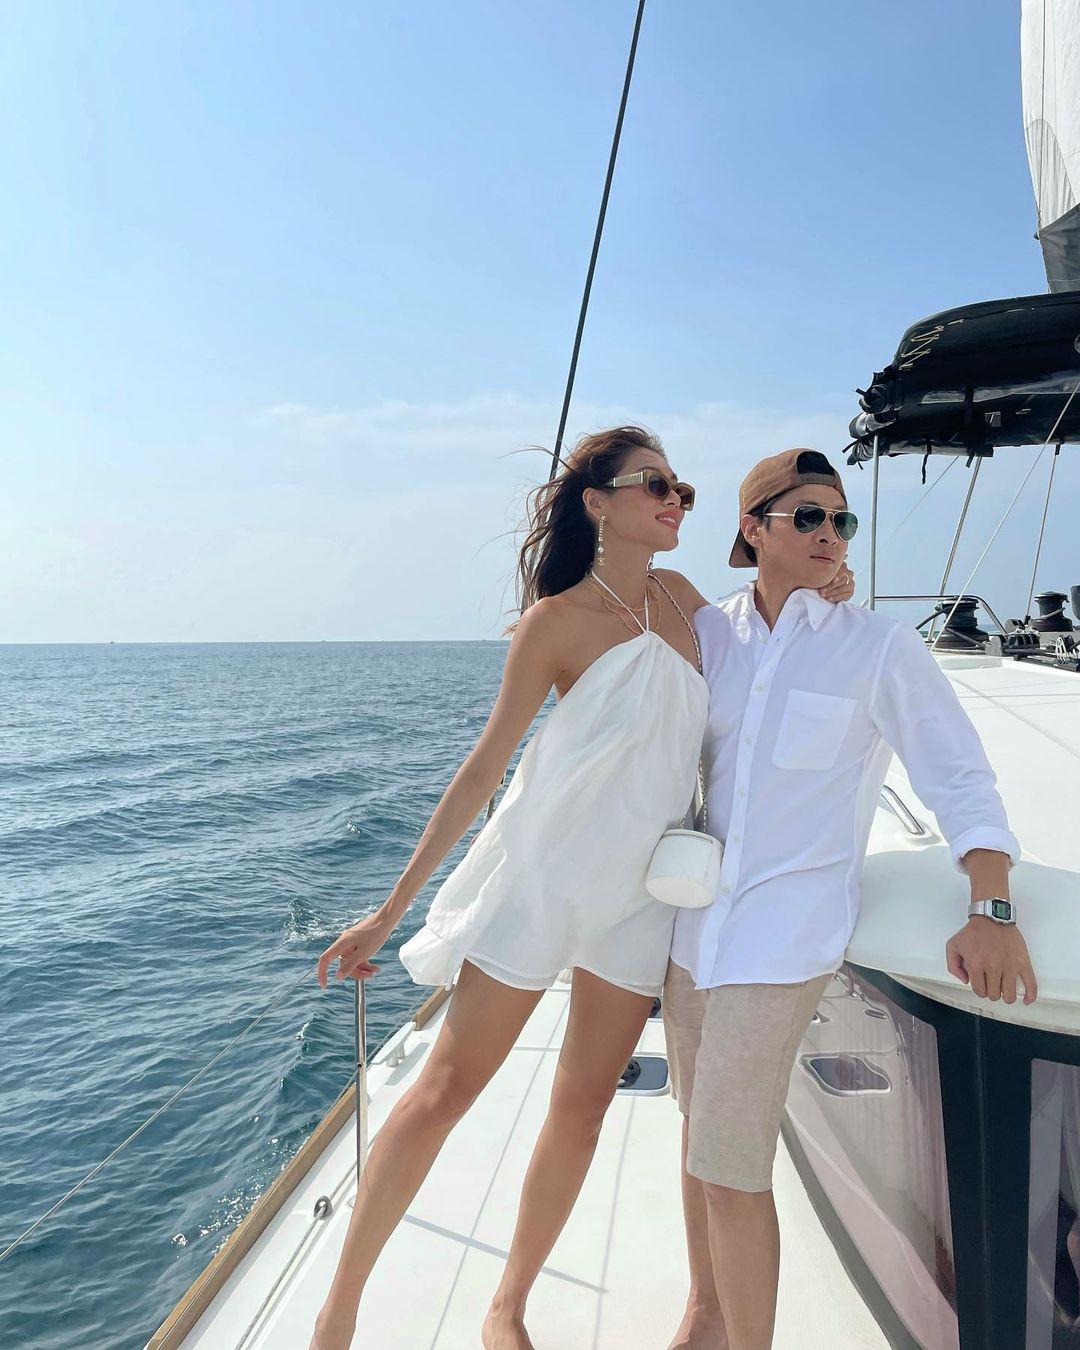 Thảo Nhi Lê và bạn trai trong chuyến du lịch gần đây.